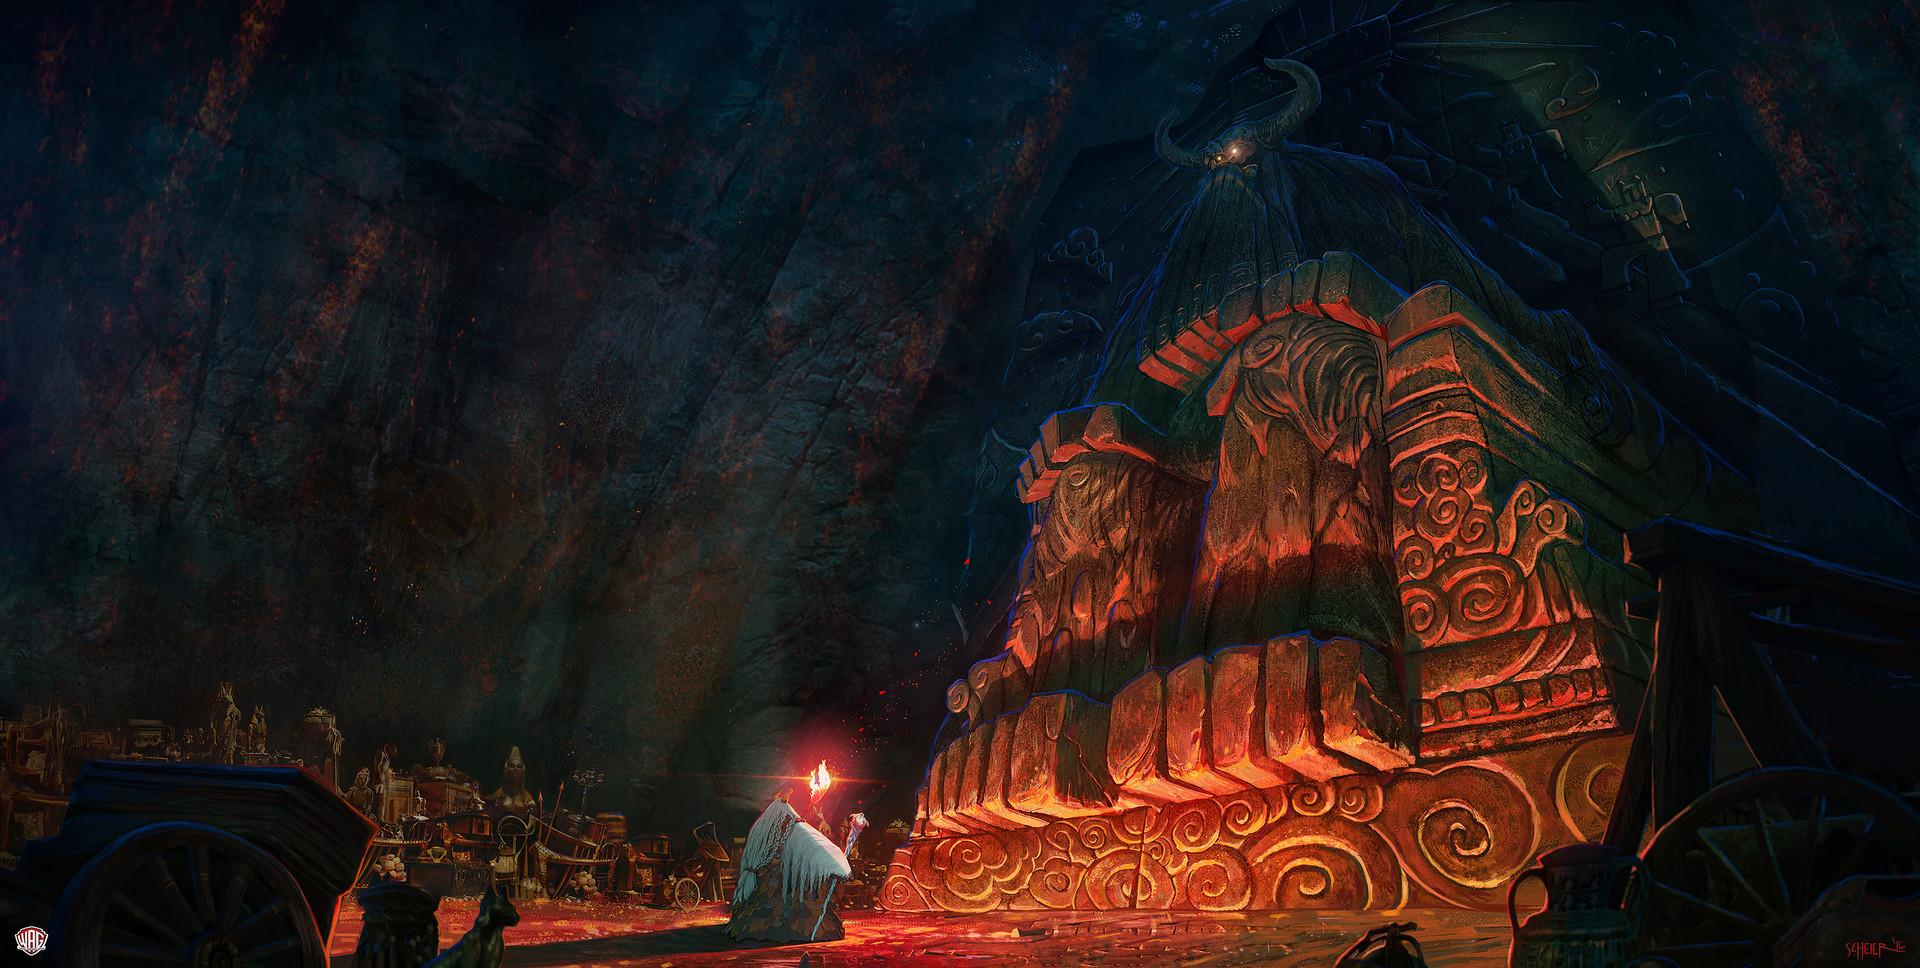 jason-scheier-cave-of-secrets.jpg